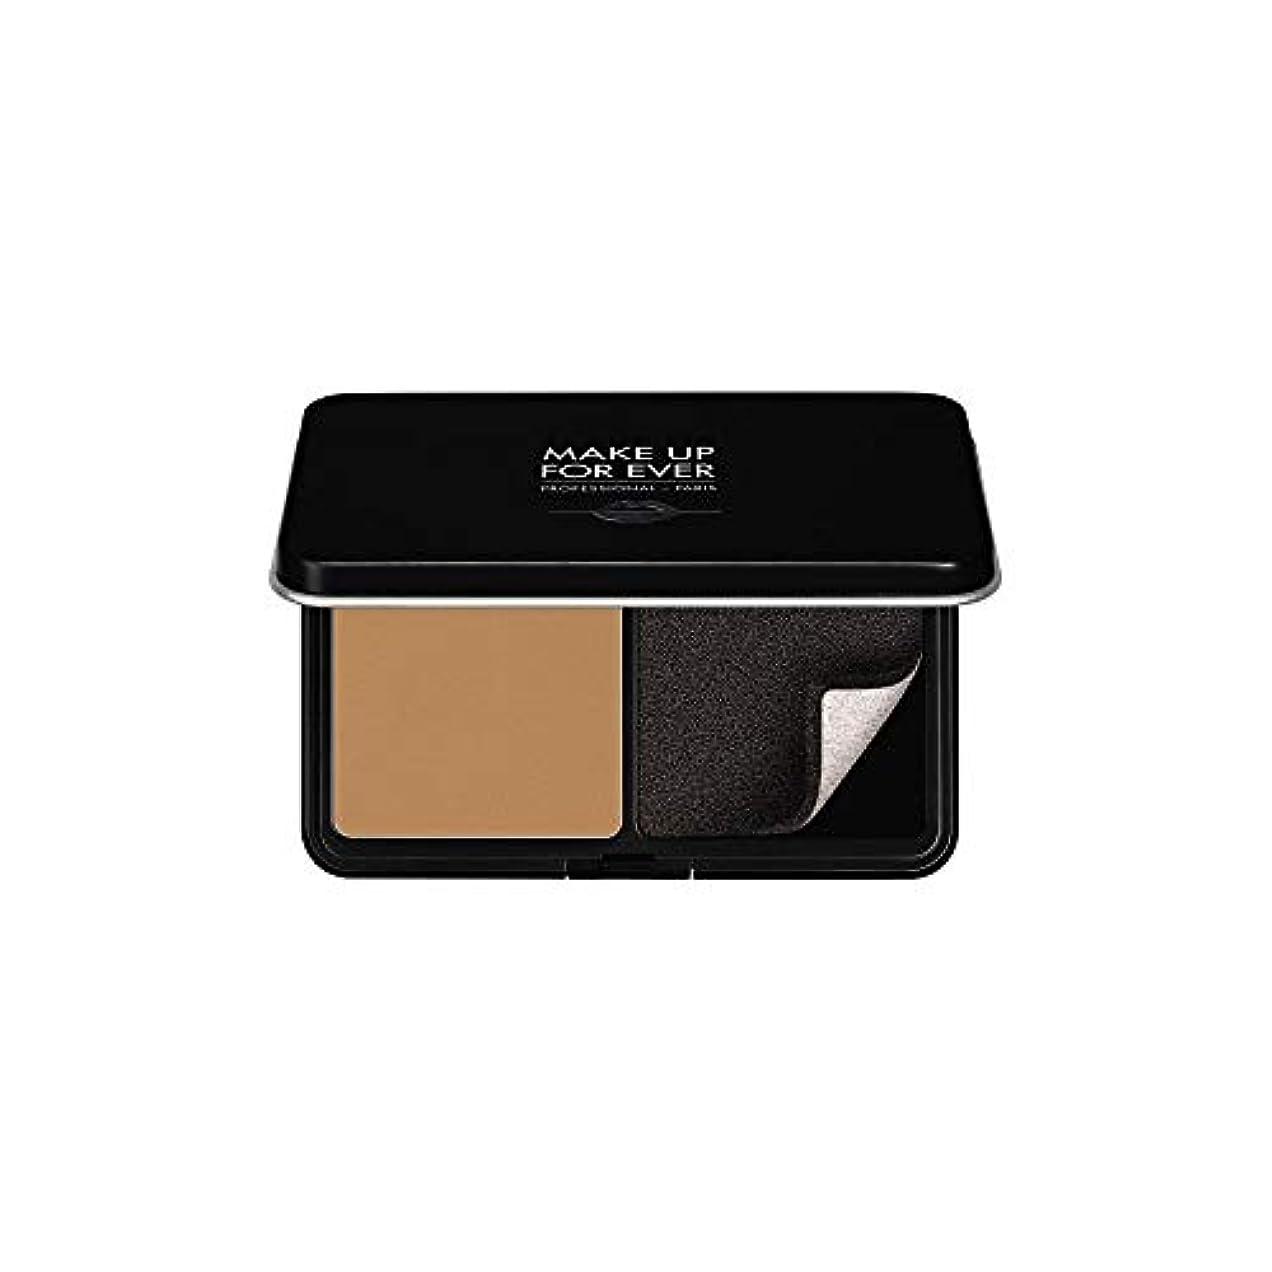 ラフレシアアルノルディ式財団メイクアップフォーエバー Matte Velvet Skin Blurring Powder Foundation - # Y415 (Almond) 11g/0.38oz並行輸入品